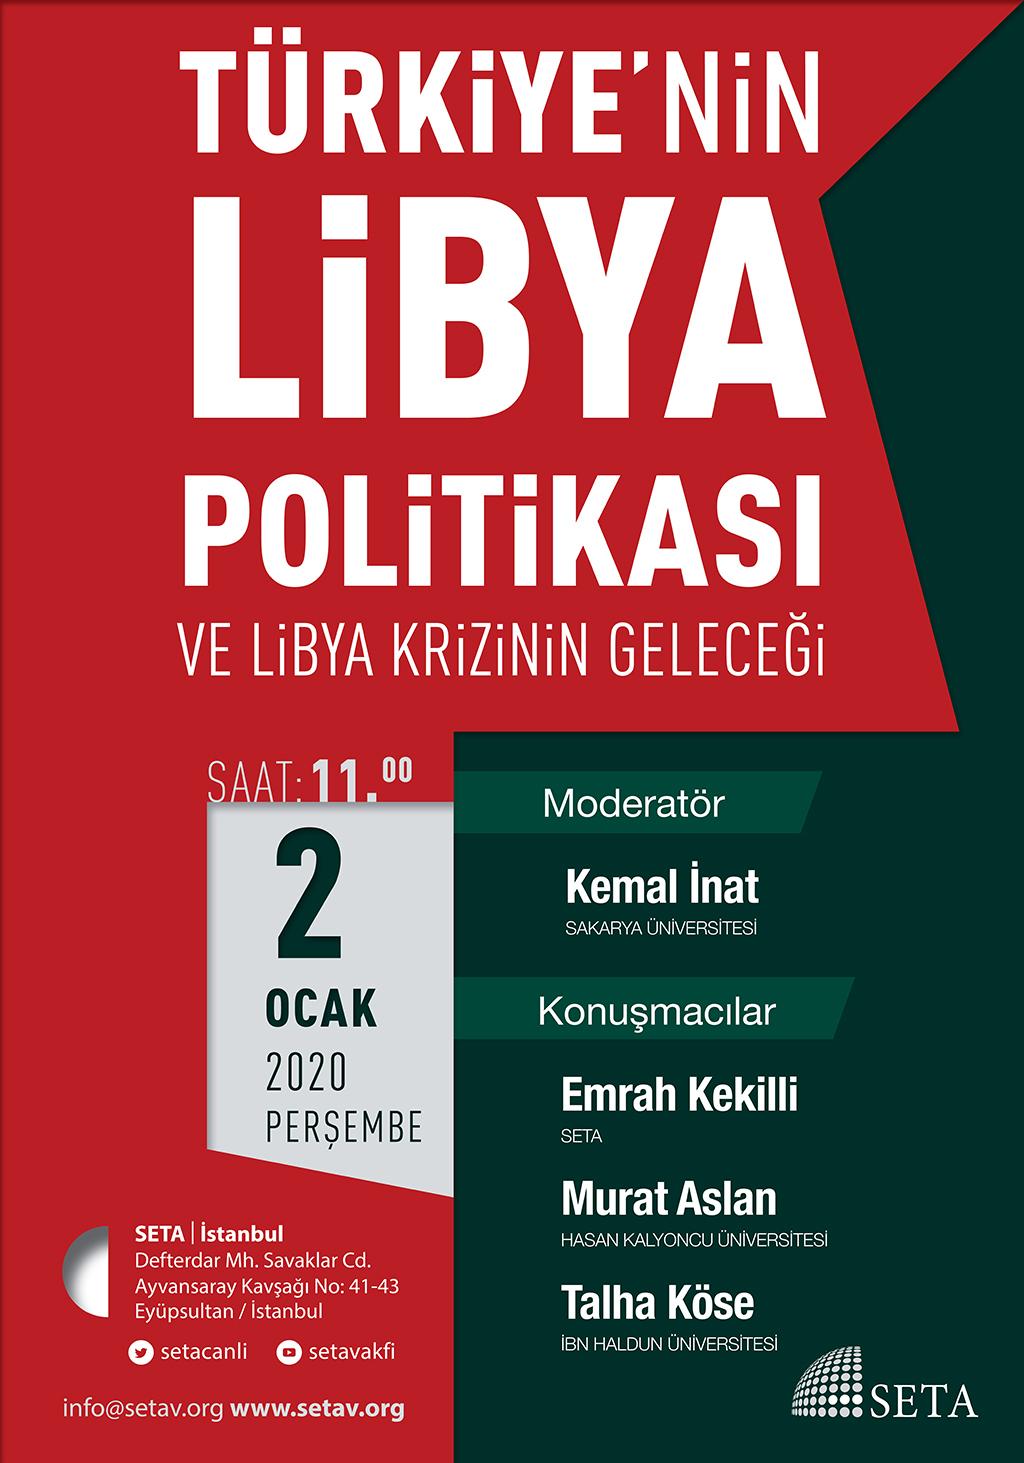 Panel: Türkiye'nin Libya Politikası ve Libya Krizinin Geleceği